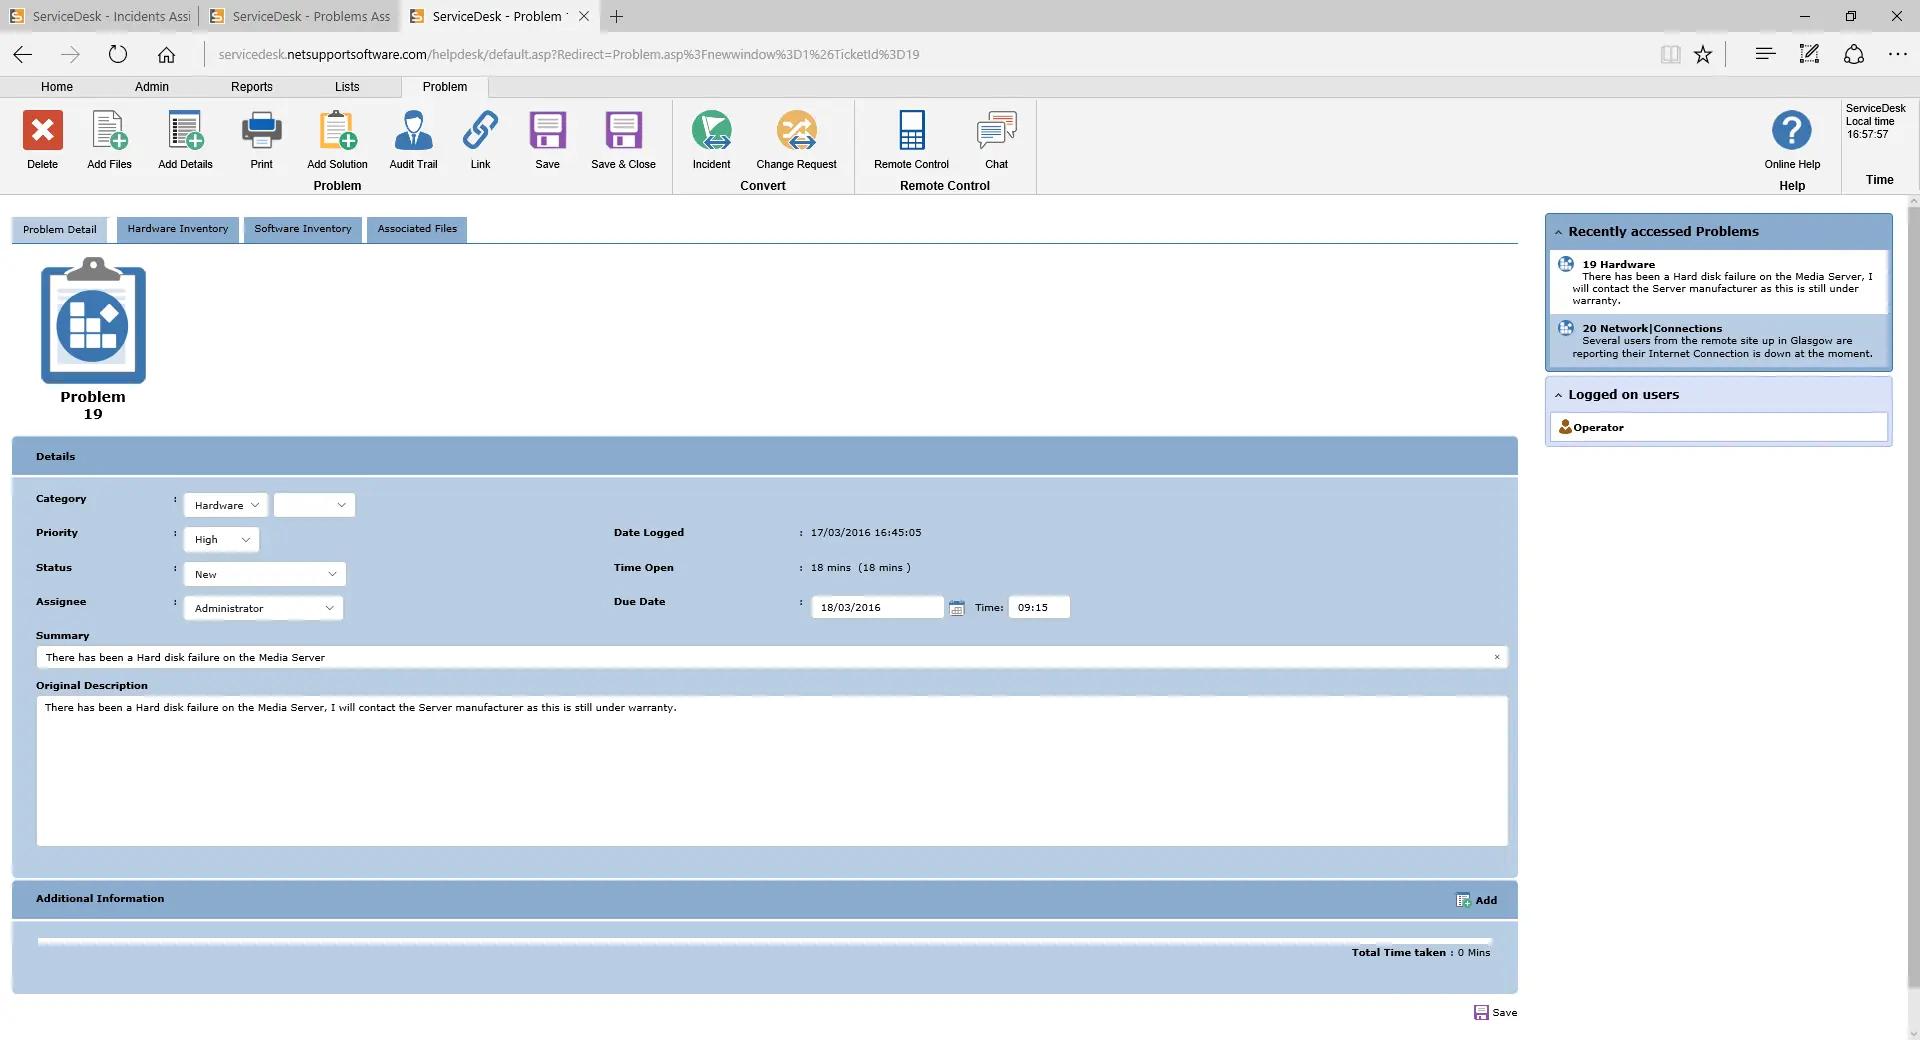 NetSupport ServiceDesk Software - NetSupport ServiceDesk - Problem Management view